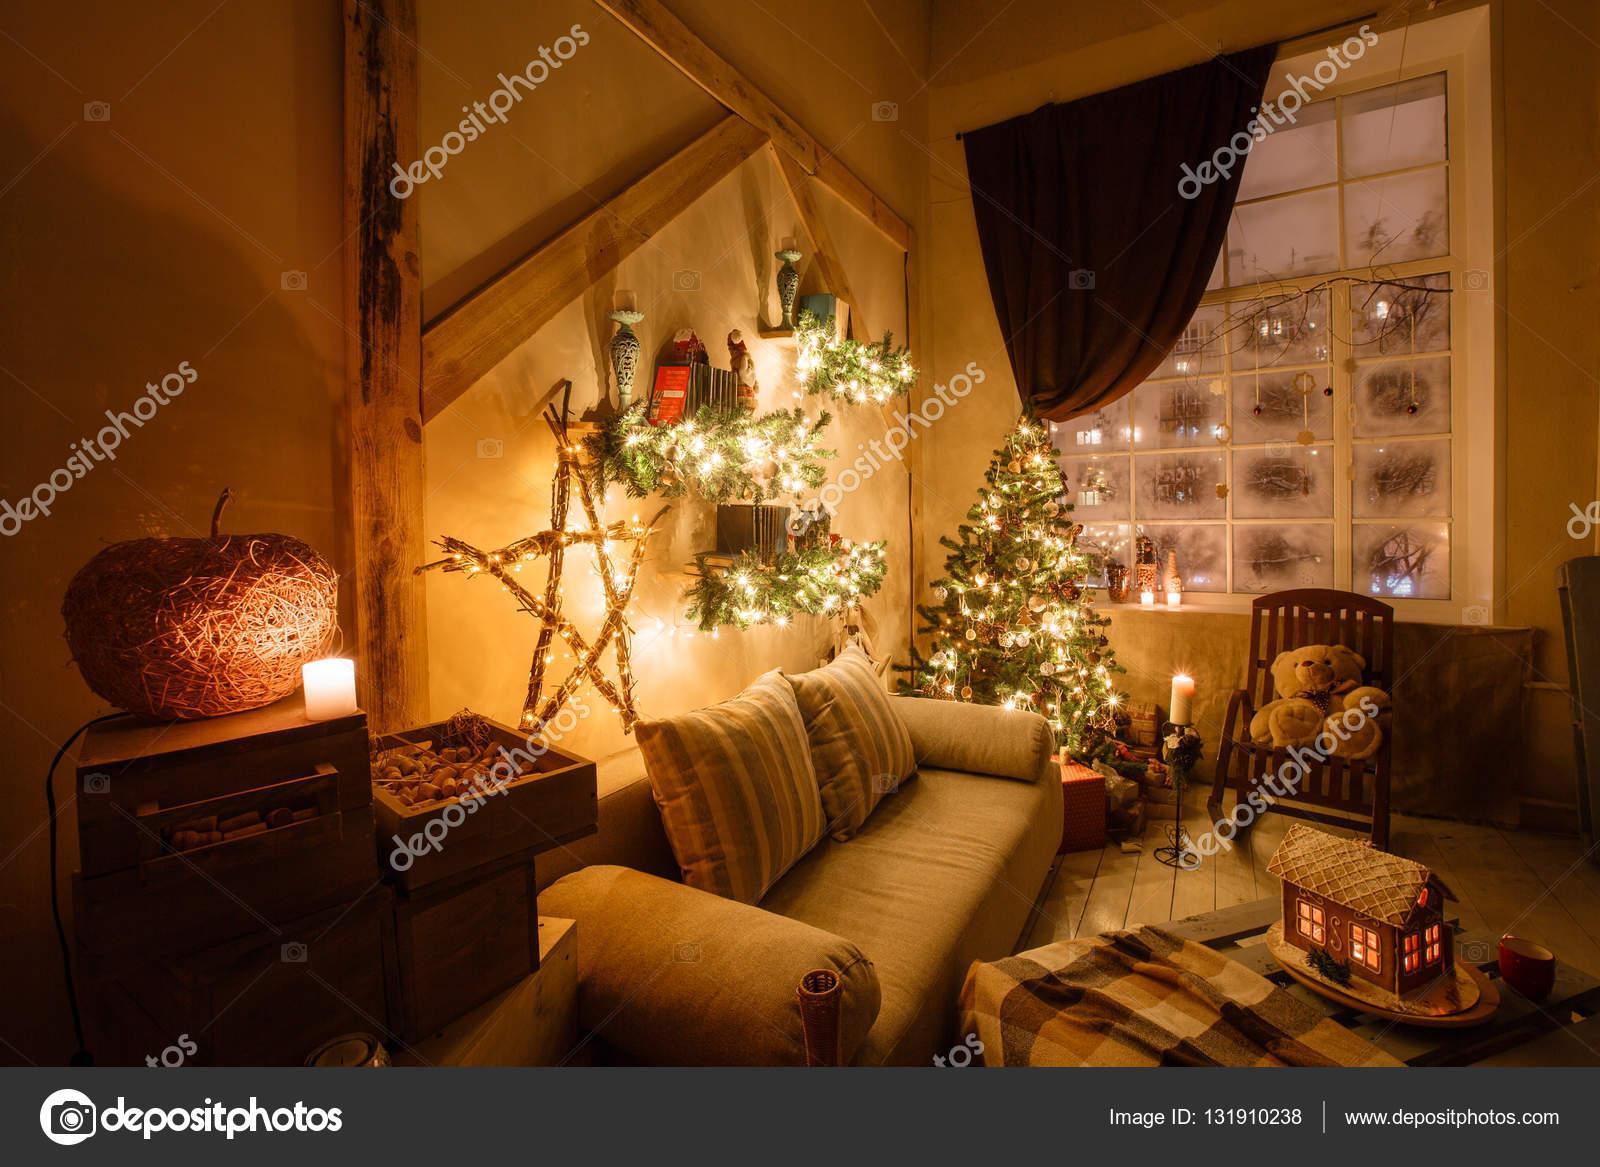 인테리어 현대 홈 거실 장식 크리스마스 트리, 선물, 소파 ...